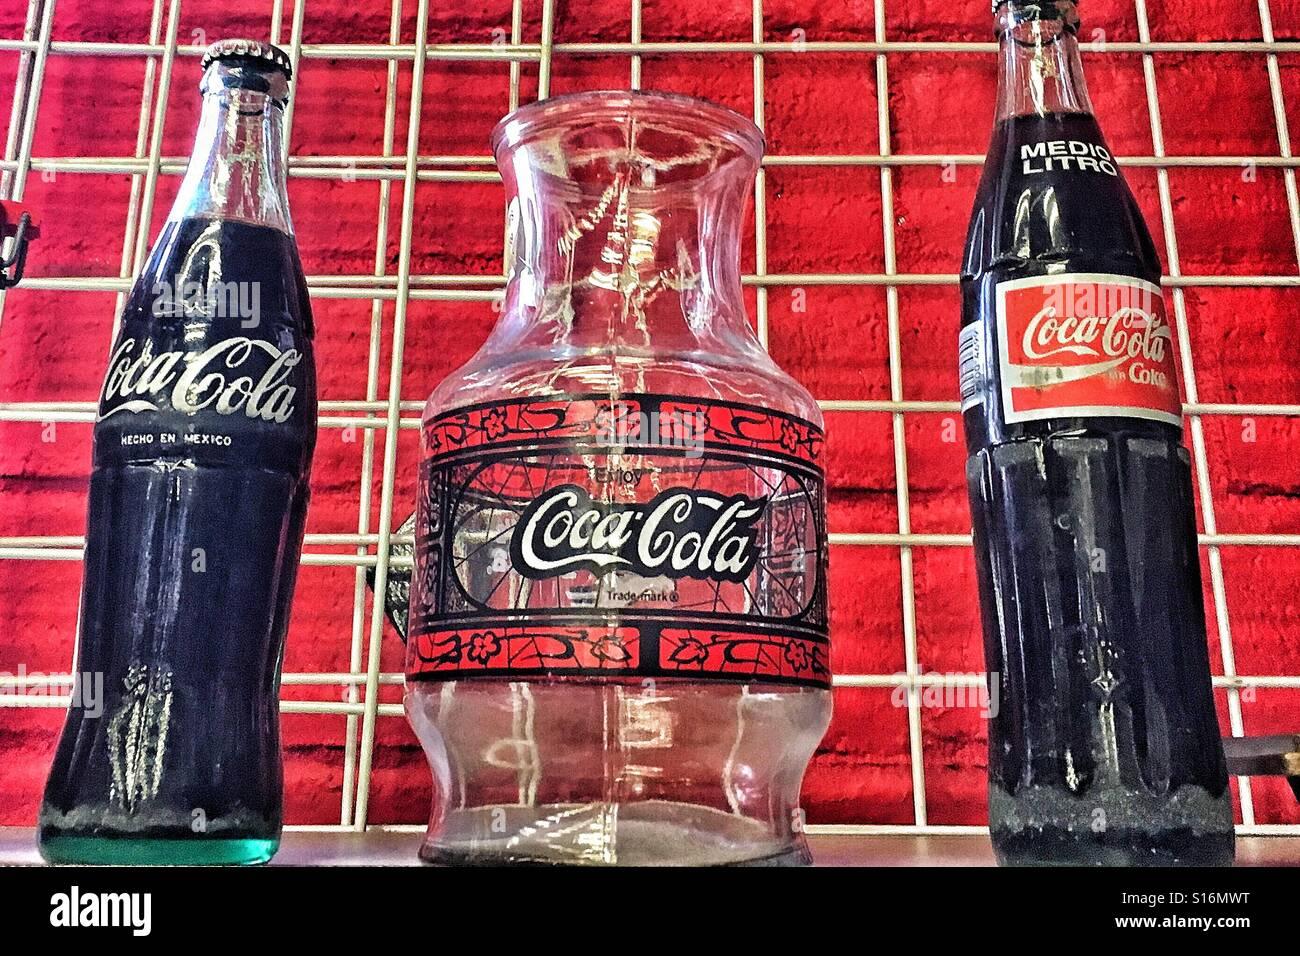 Amerikanischer Kühlschrank Coca Cola : Abkehr vom kerngeschäft coca cola fährt höhere gewinne ein dank